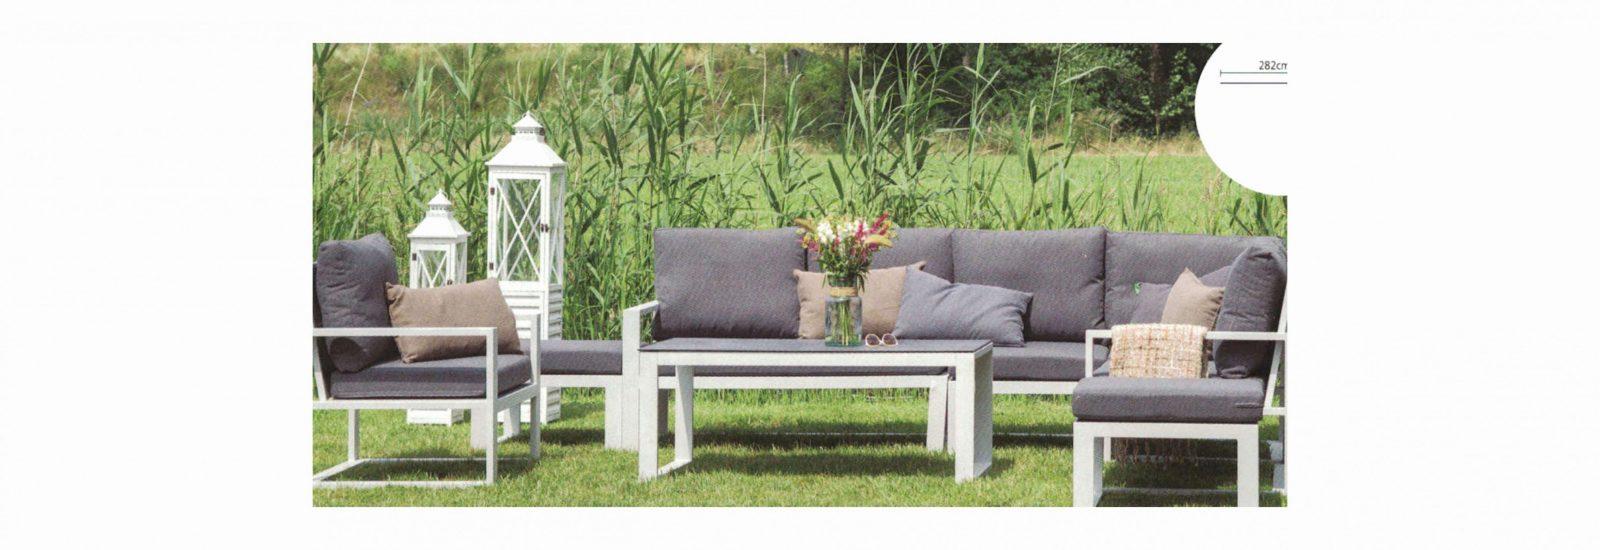 30 Neu Lounge Set Garten Frisch von Garten Lounge Set Gebraucht Bild